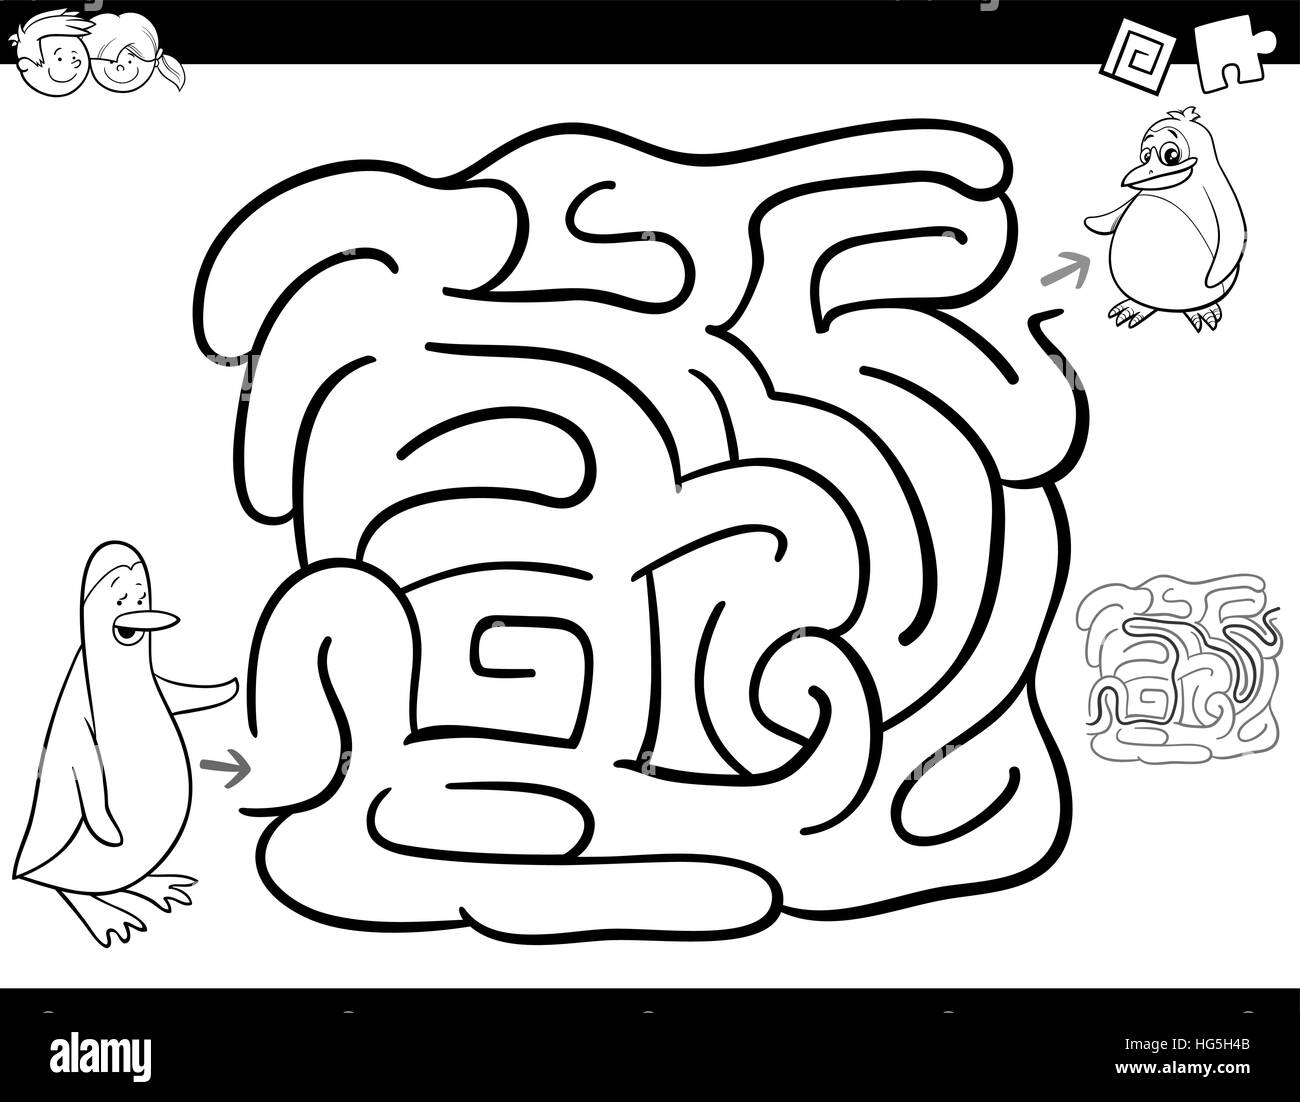 Schwarz Wei Cartoon Illustration Der Bildung Irrgarten